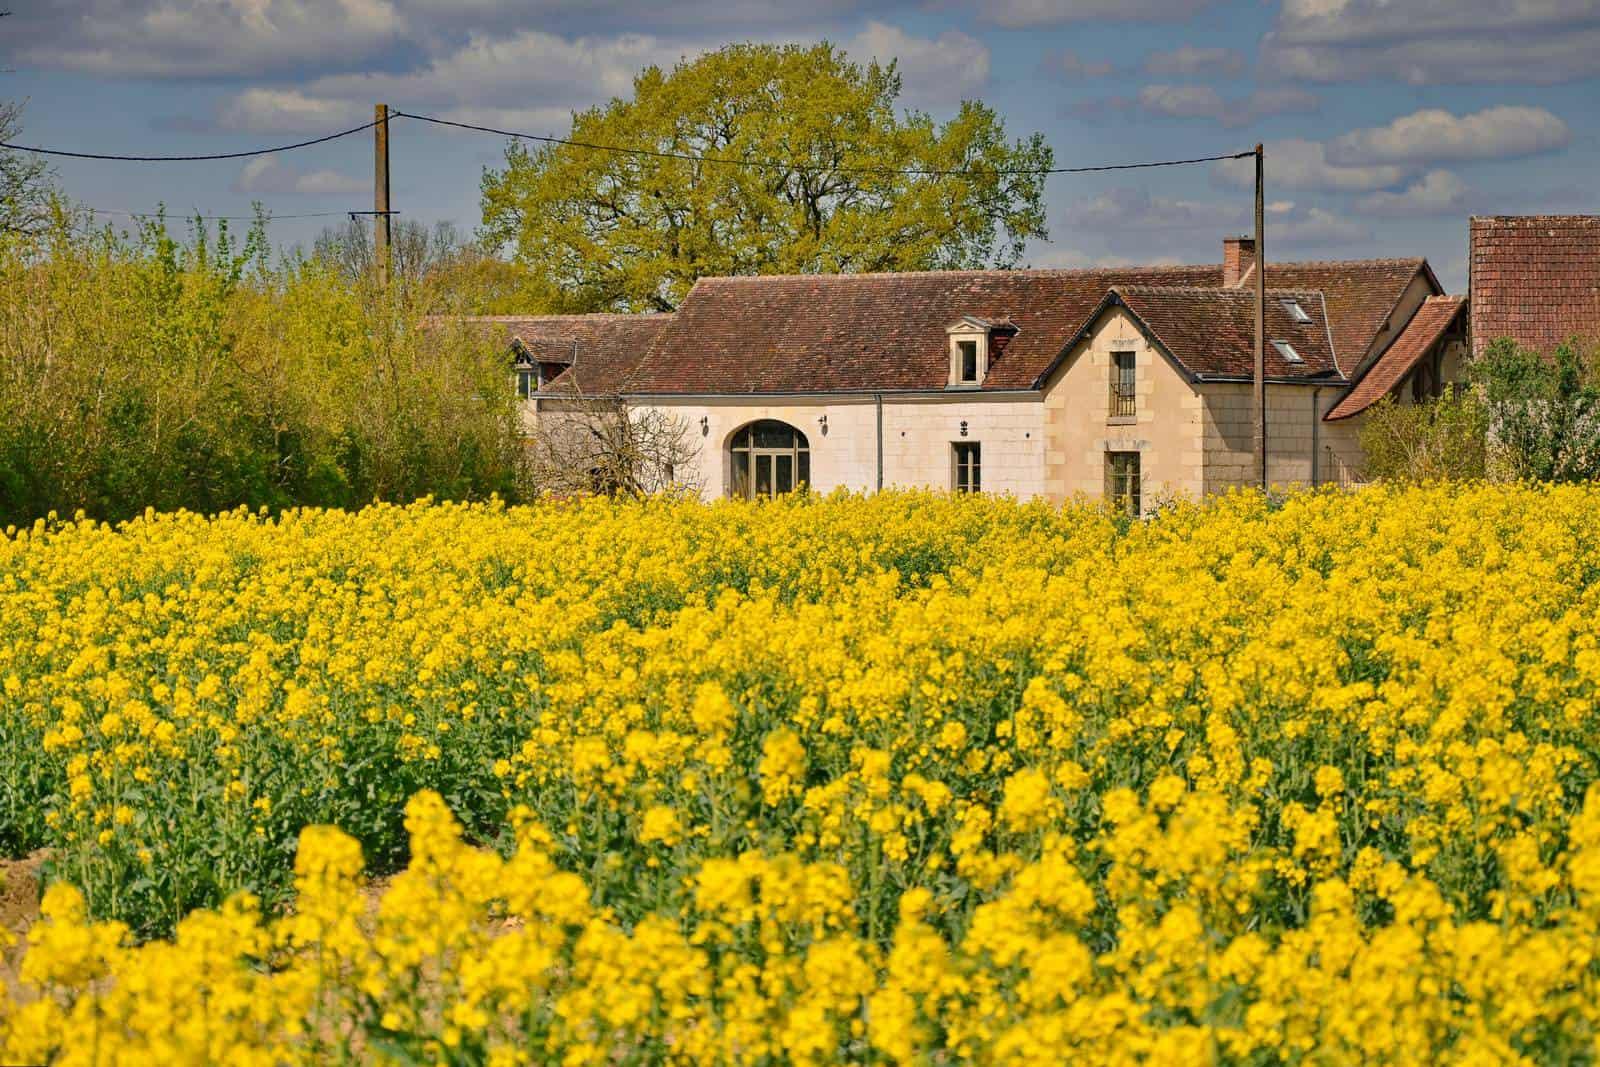 Champ de colza devant la ferme - gîte rural de Haute Forêt en Vallée du Loir